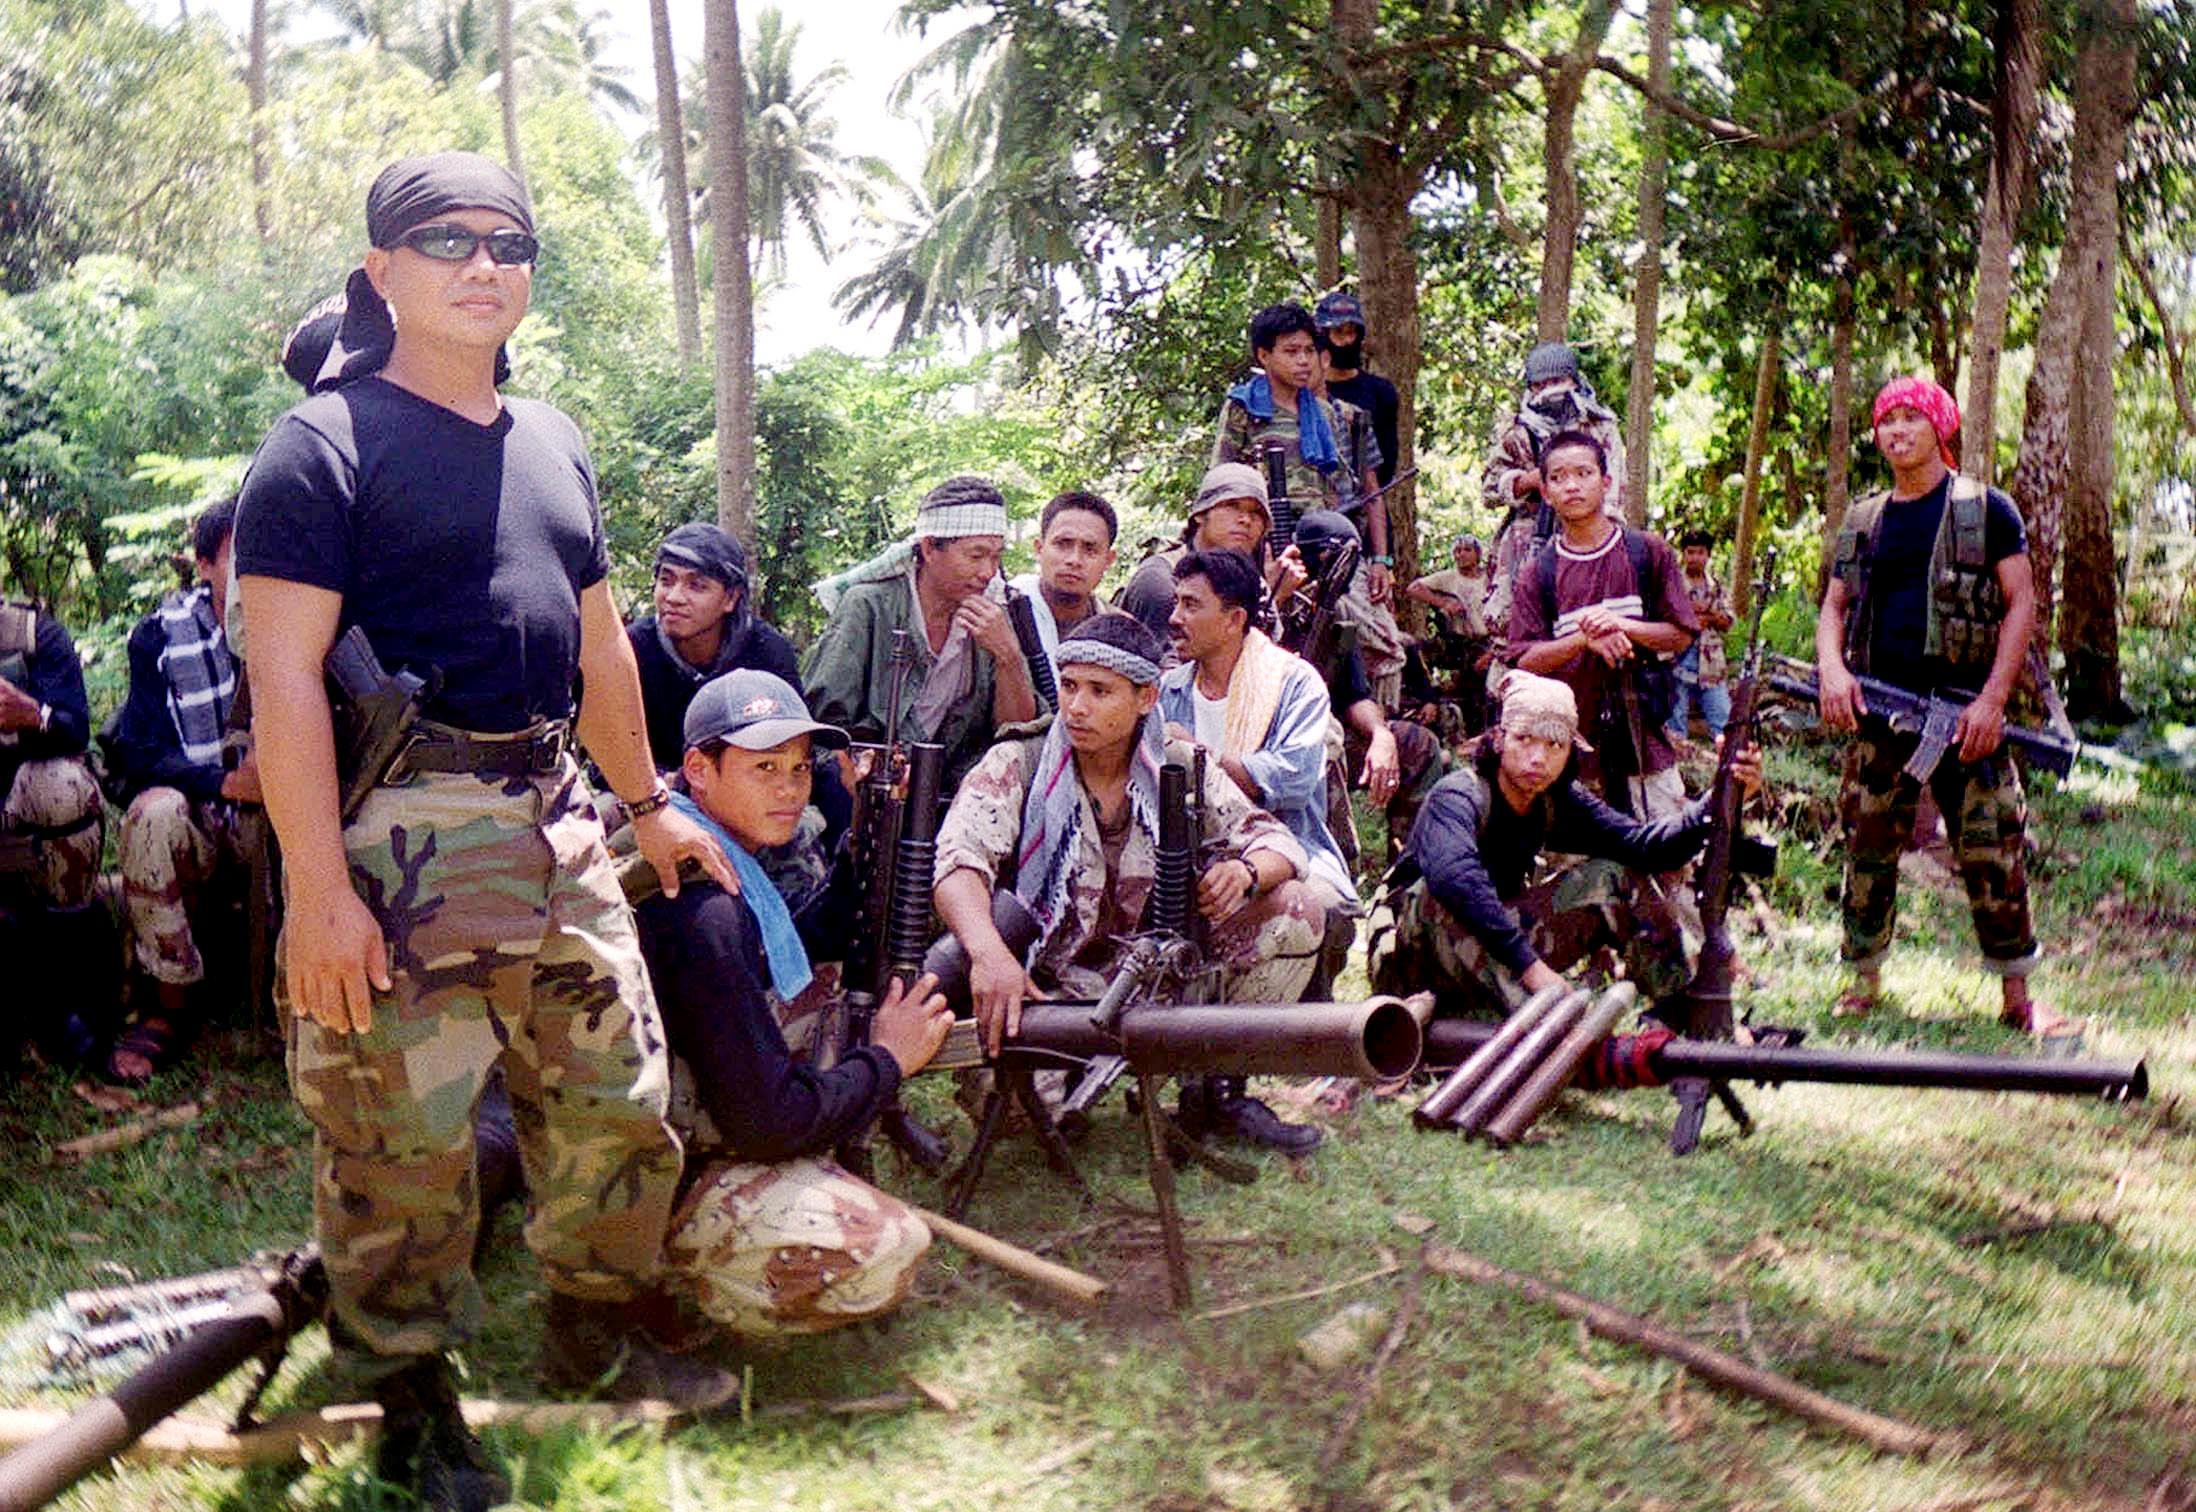 Abu Sayyaf militants in a file photo. (Getty)